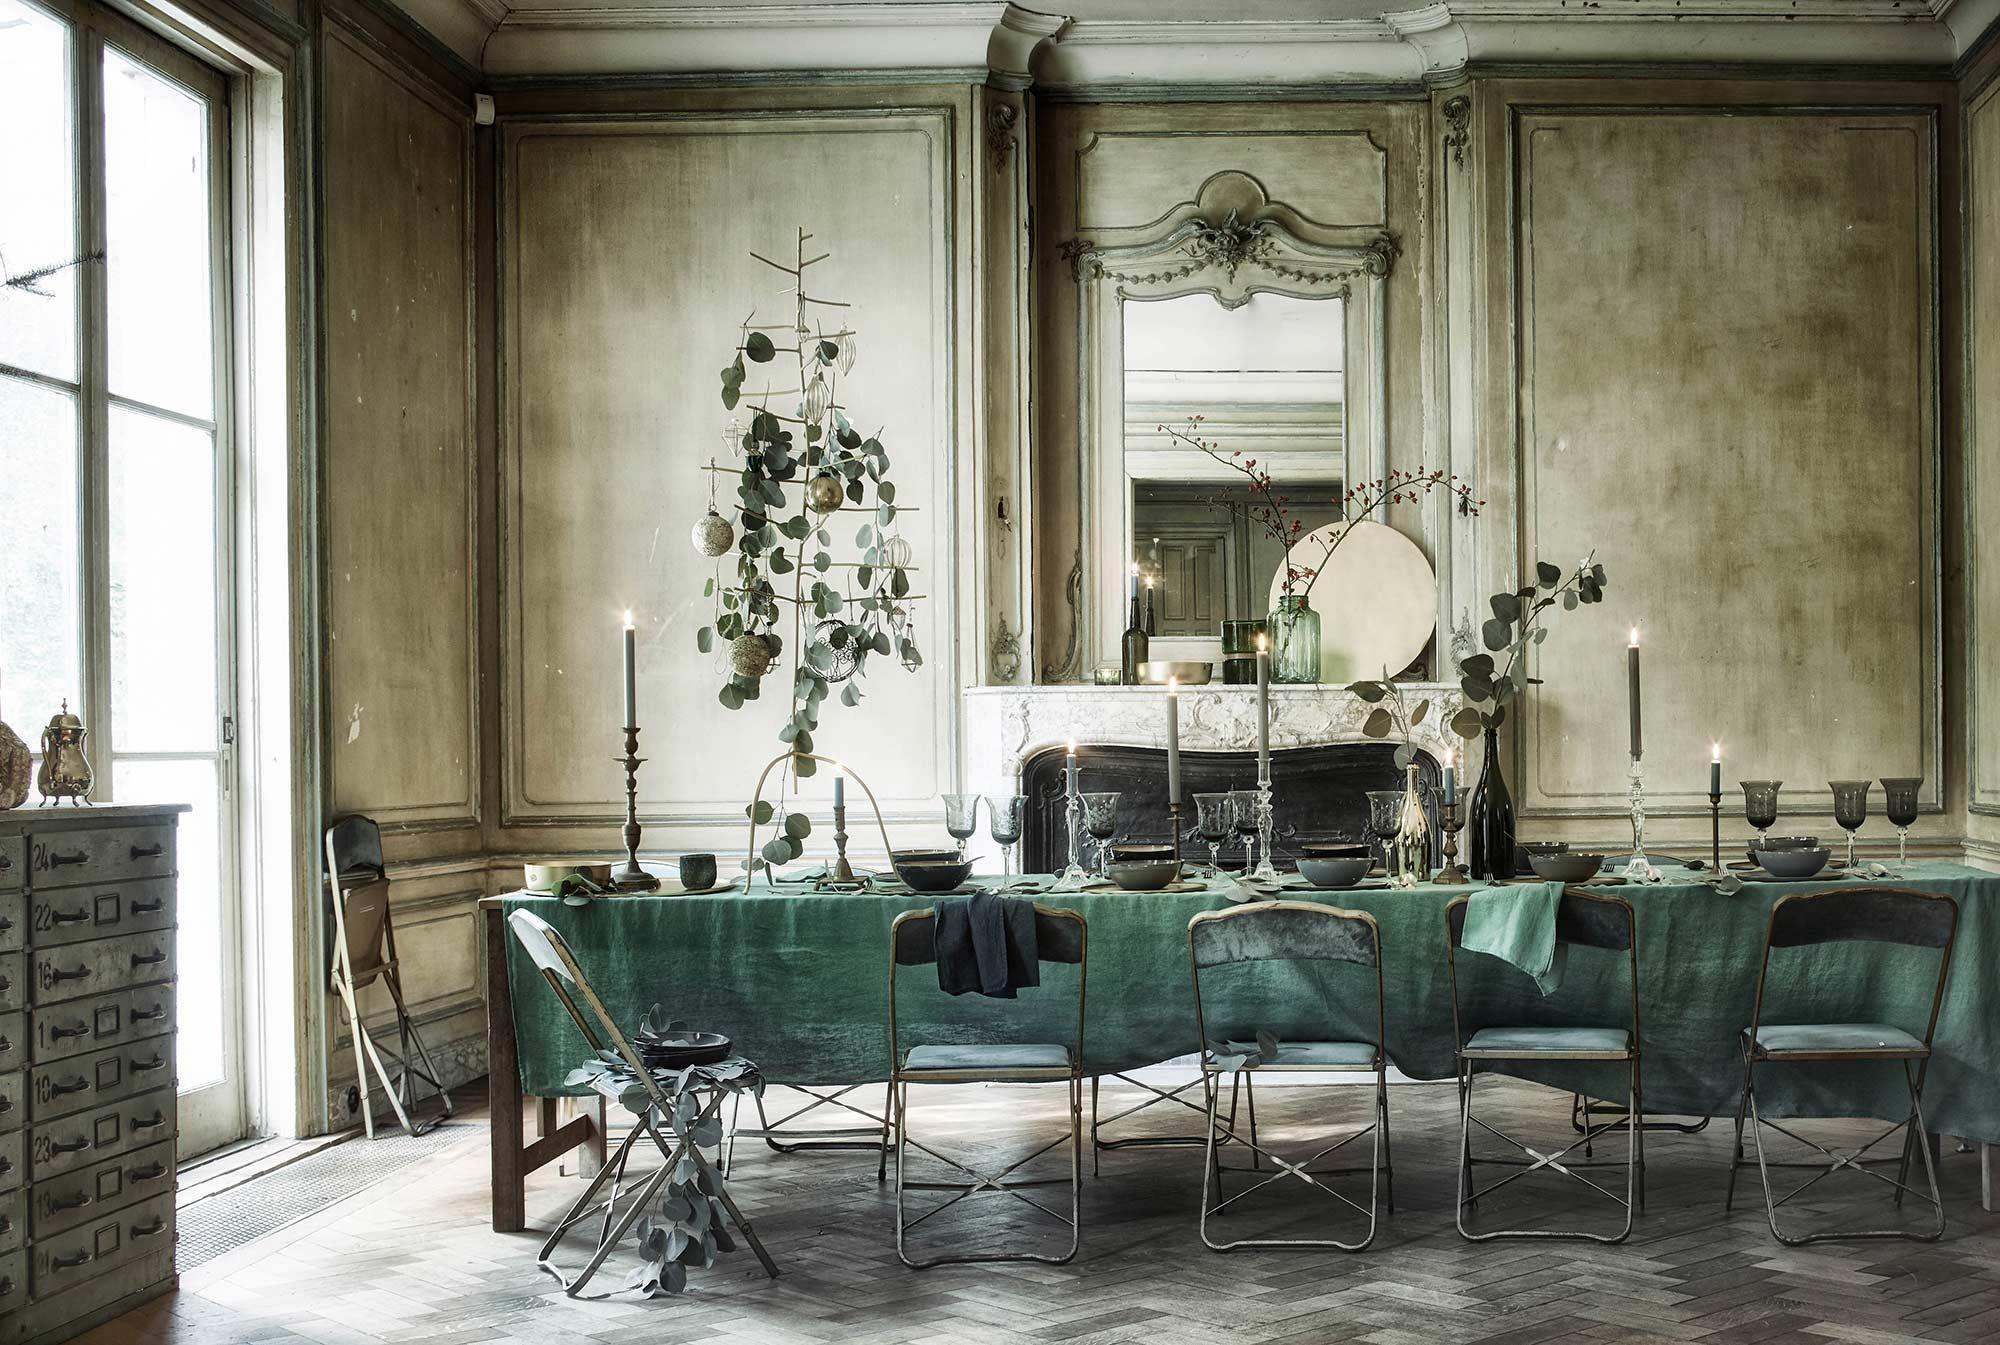 Groen tinten eetkamer green color diningroom